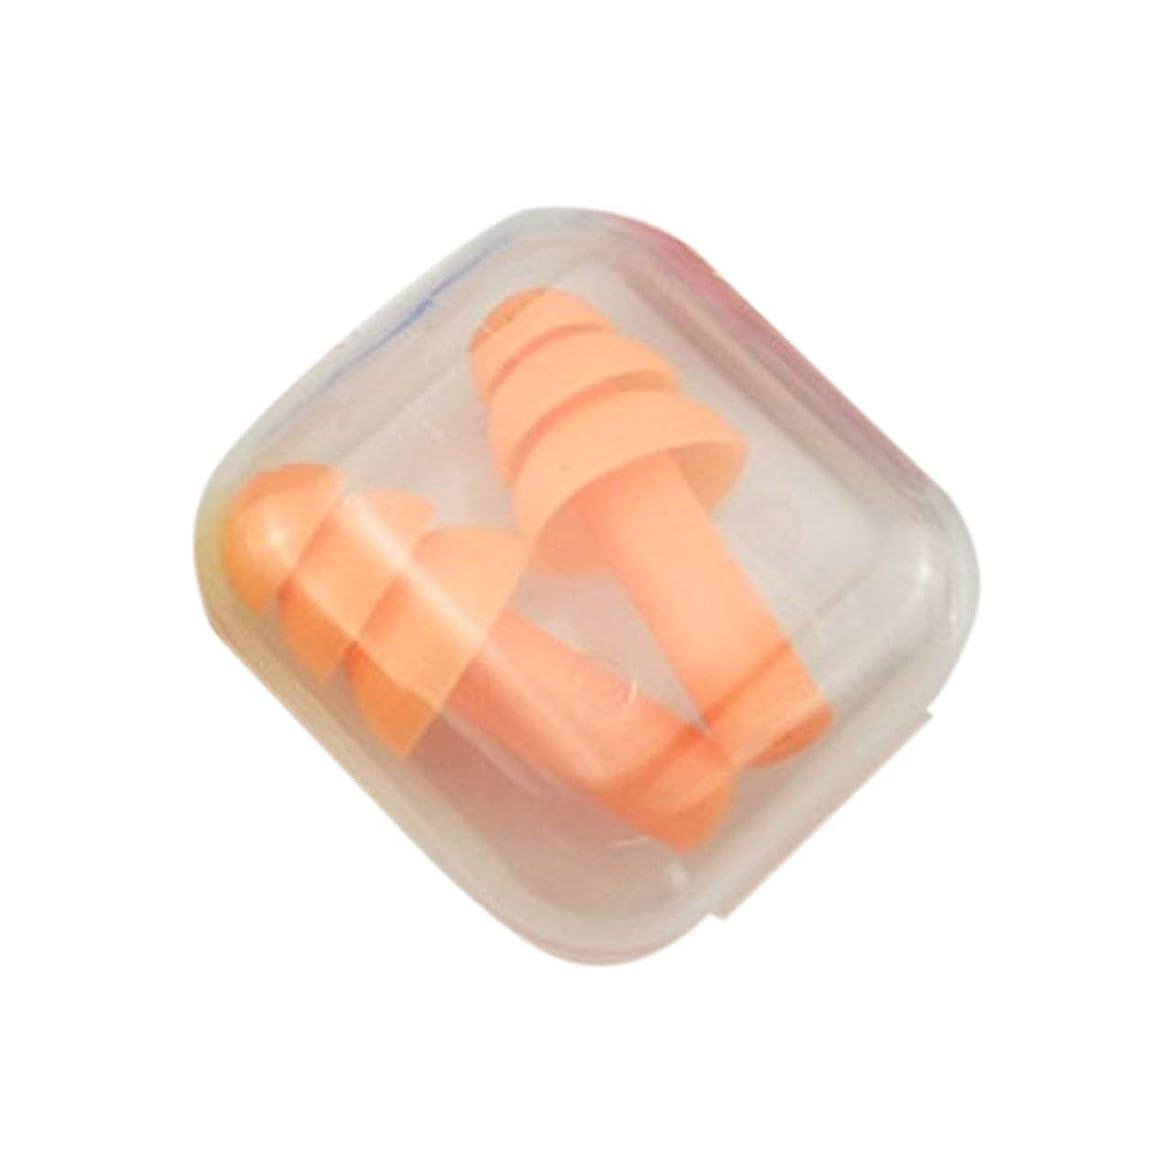 動揺させる起きる虫を数える友美 柔らかいシリコーンの耳栓の健全な絶縁材の耳の保護の耳栓の騒音低減の収納箱が付いている睡眠のプラグ